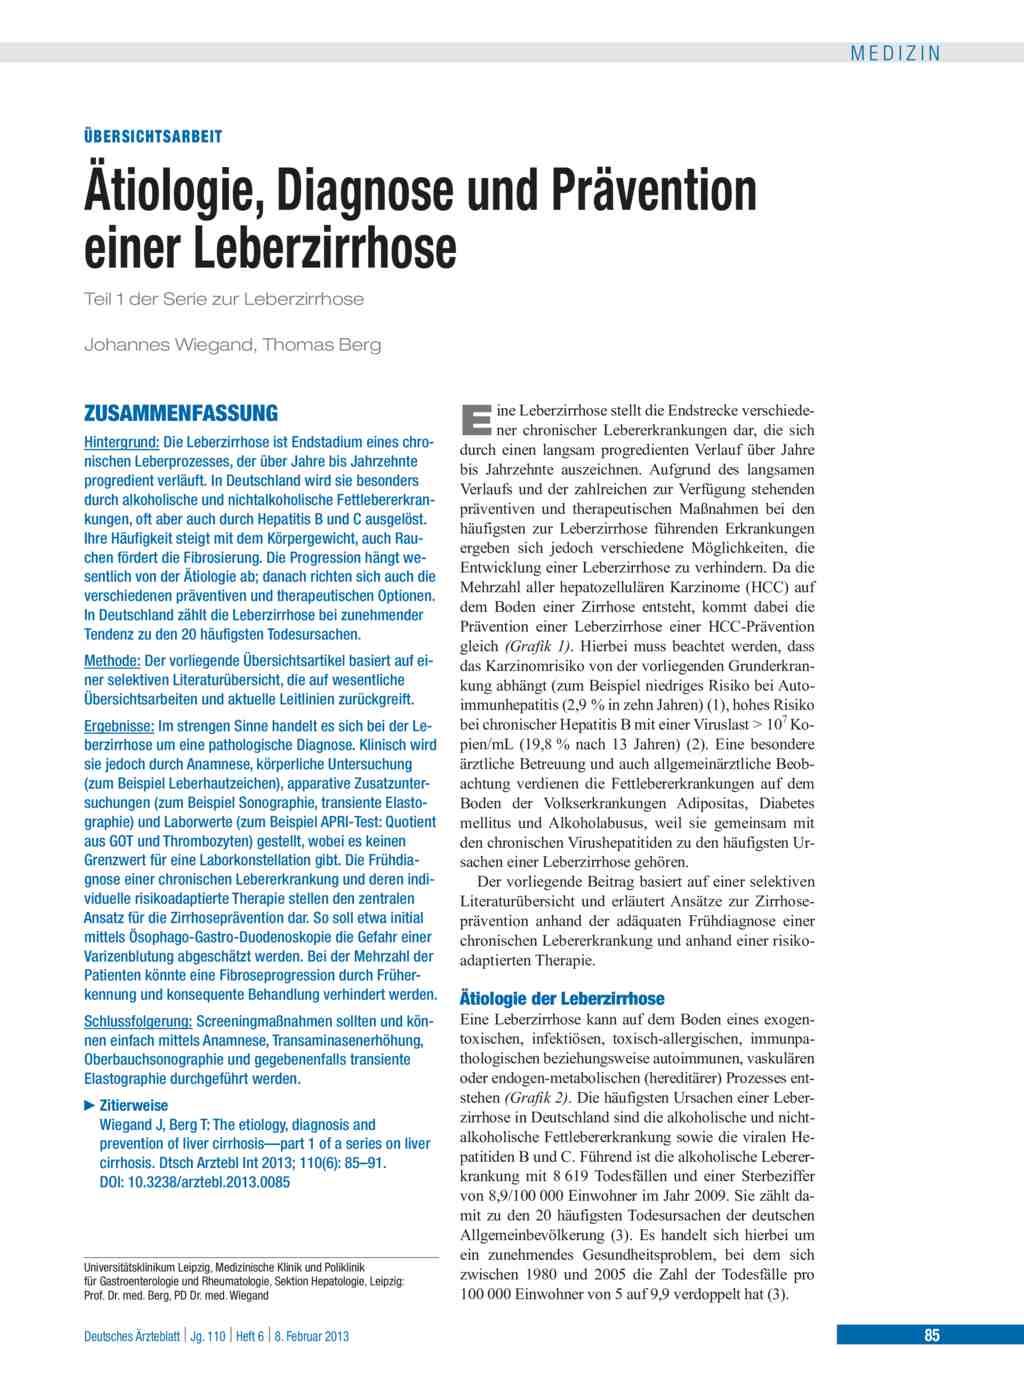 ätiologie Diagnose Und Prävention Einer Leberzirrhose